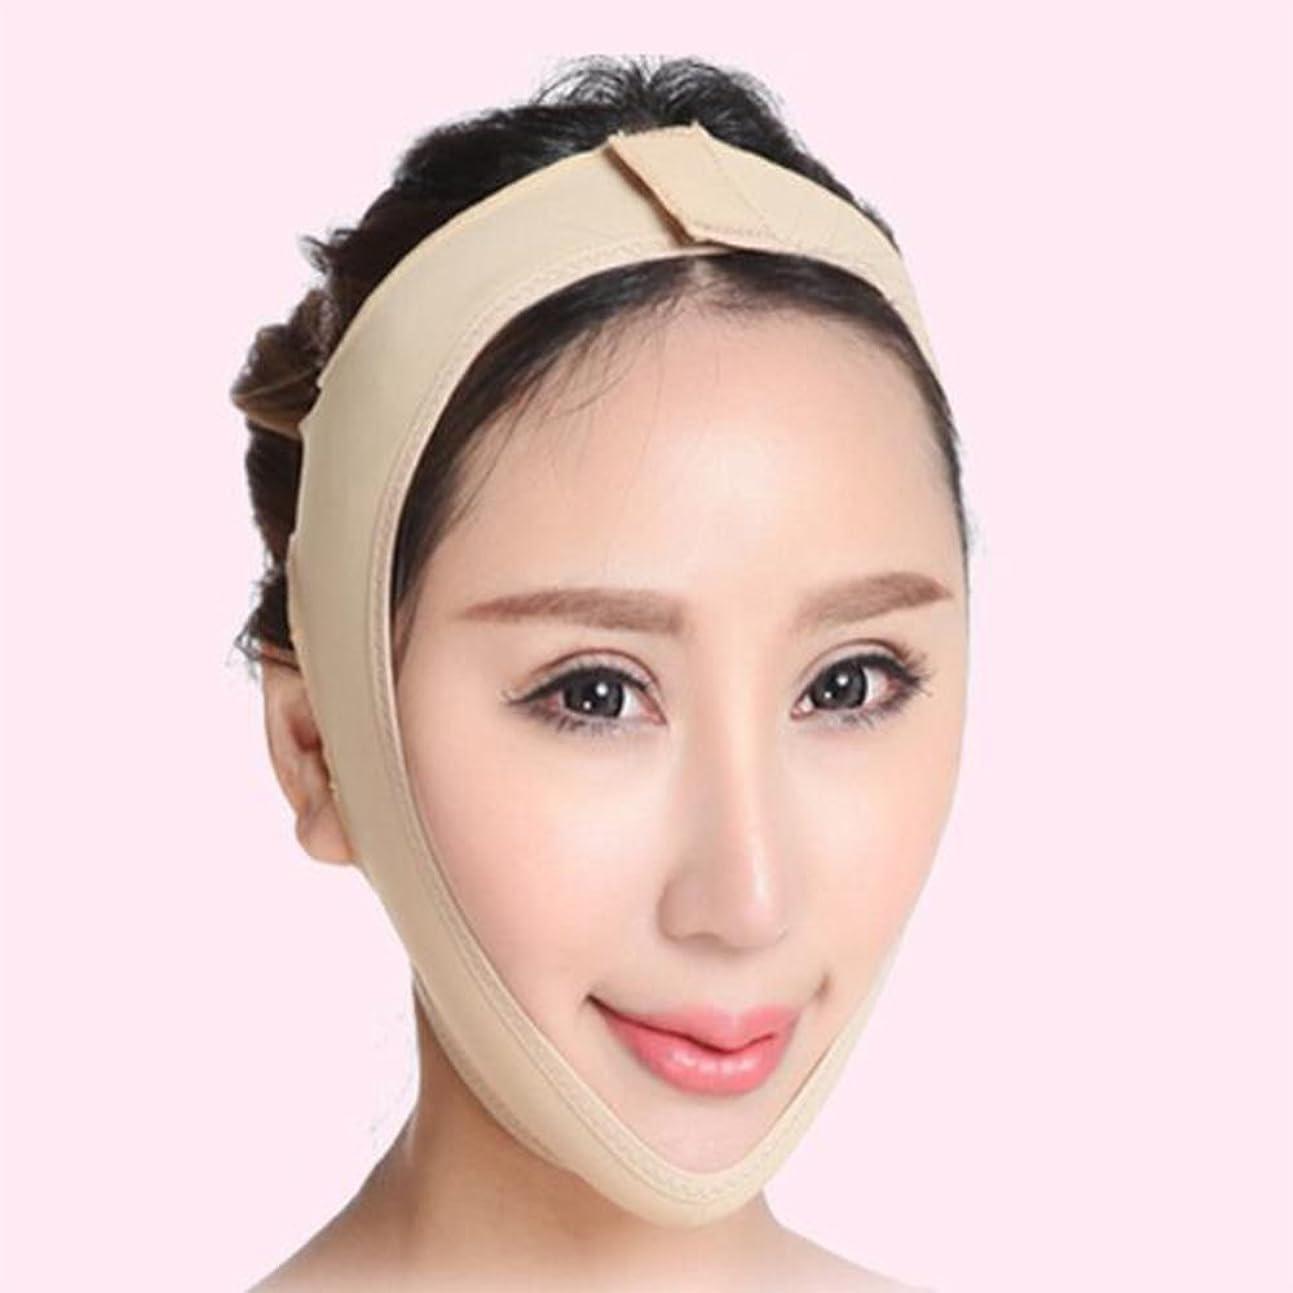 収まるスローガン原油1stモール 小顔 小顔マスク リフトアップ マスク フェイスライン 矯正 あご シャープ メンズ レディース Sサイズ ST-AZD15003-S